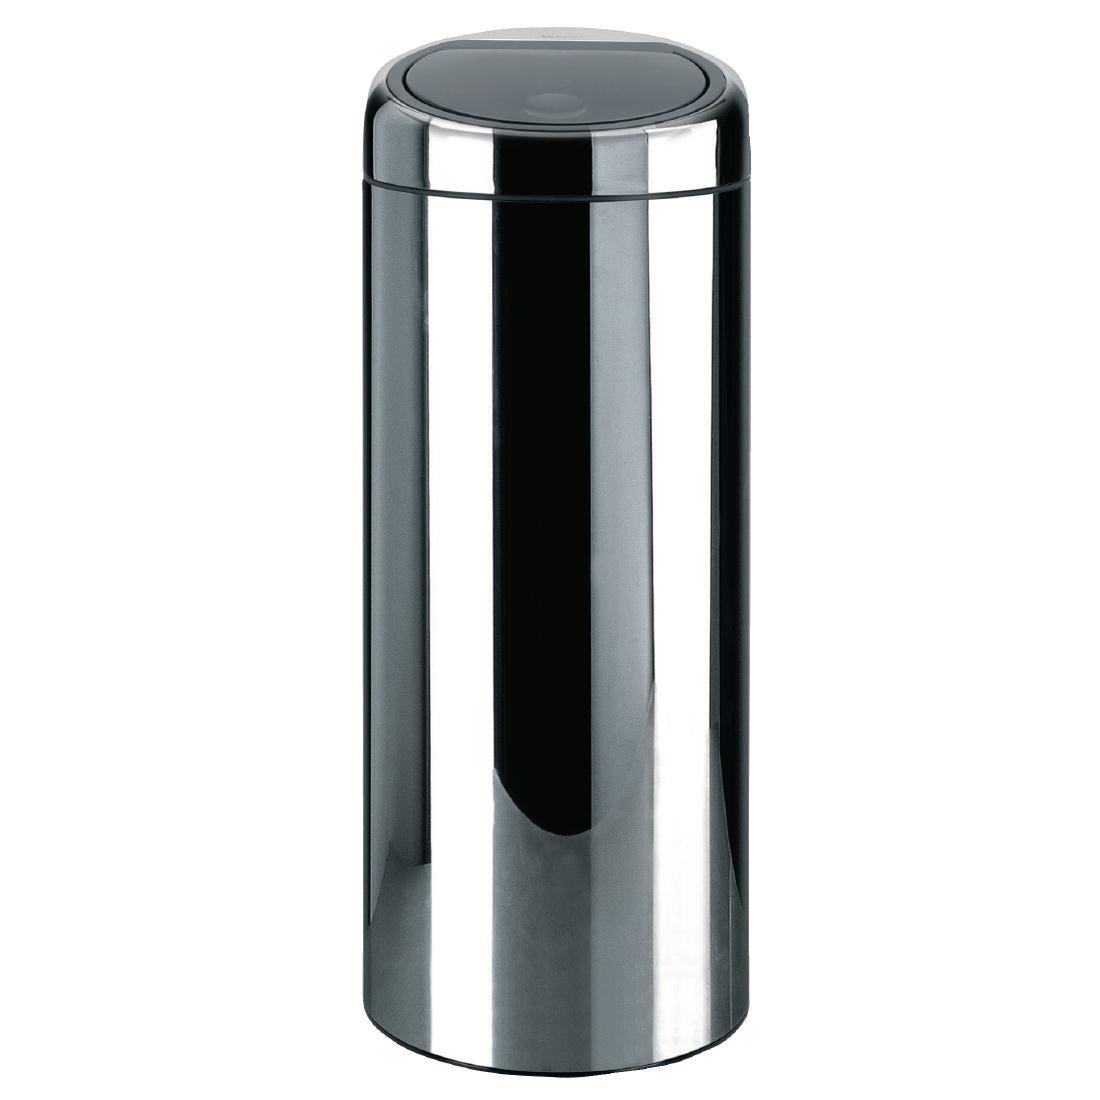 poubelle automatique brabantia 30l collecte des d chets. Black Bedroom Furniture Sets. Home Design Ideas